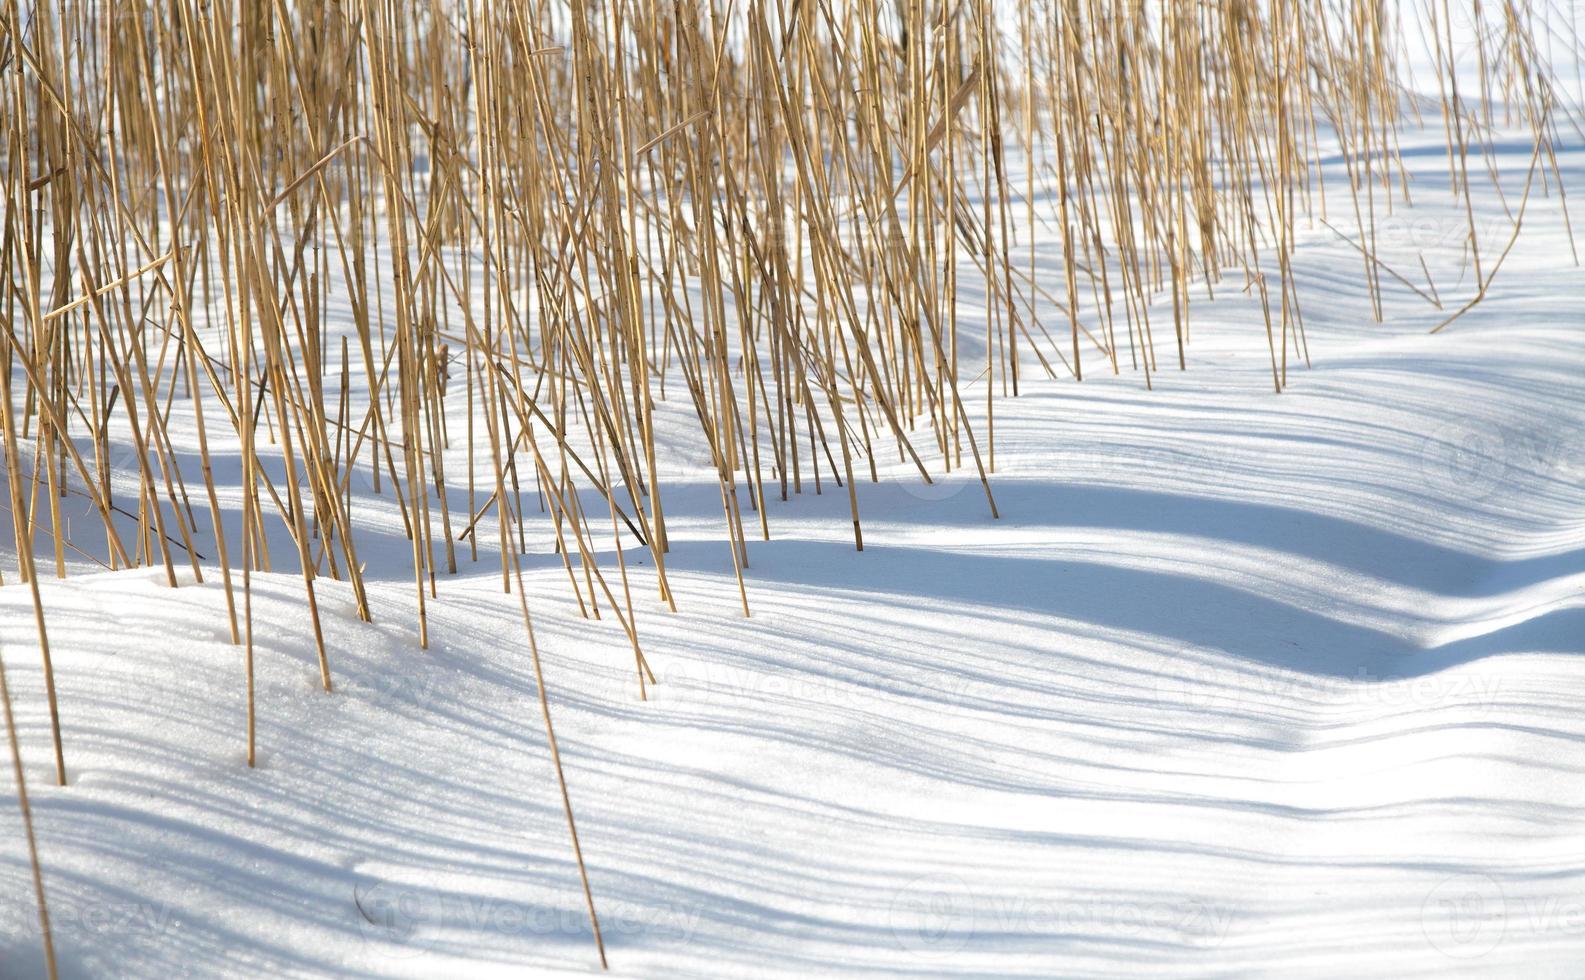 Cañas en la nieve. foto